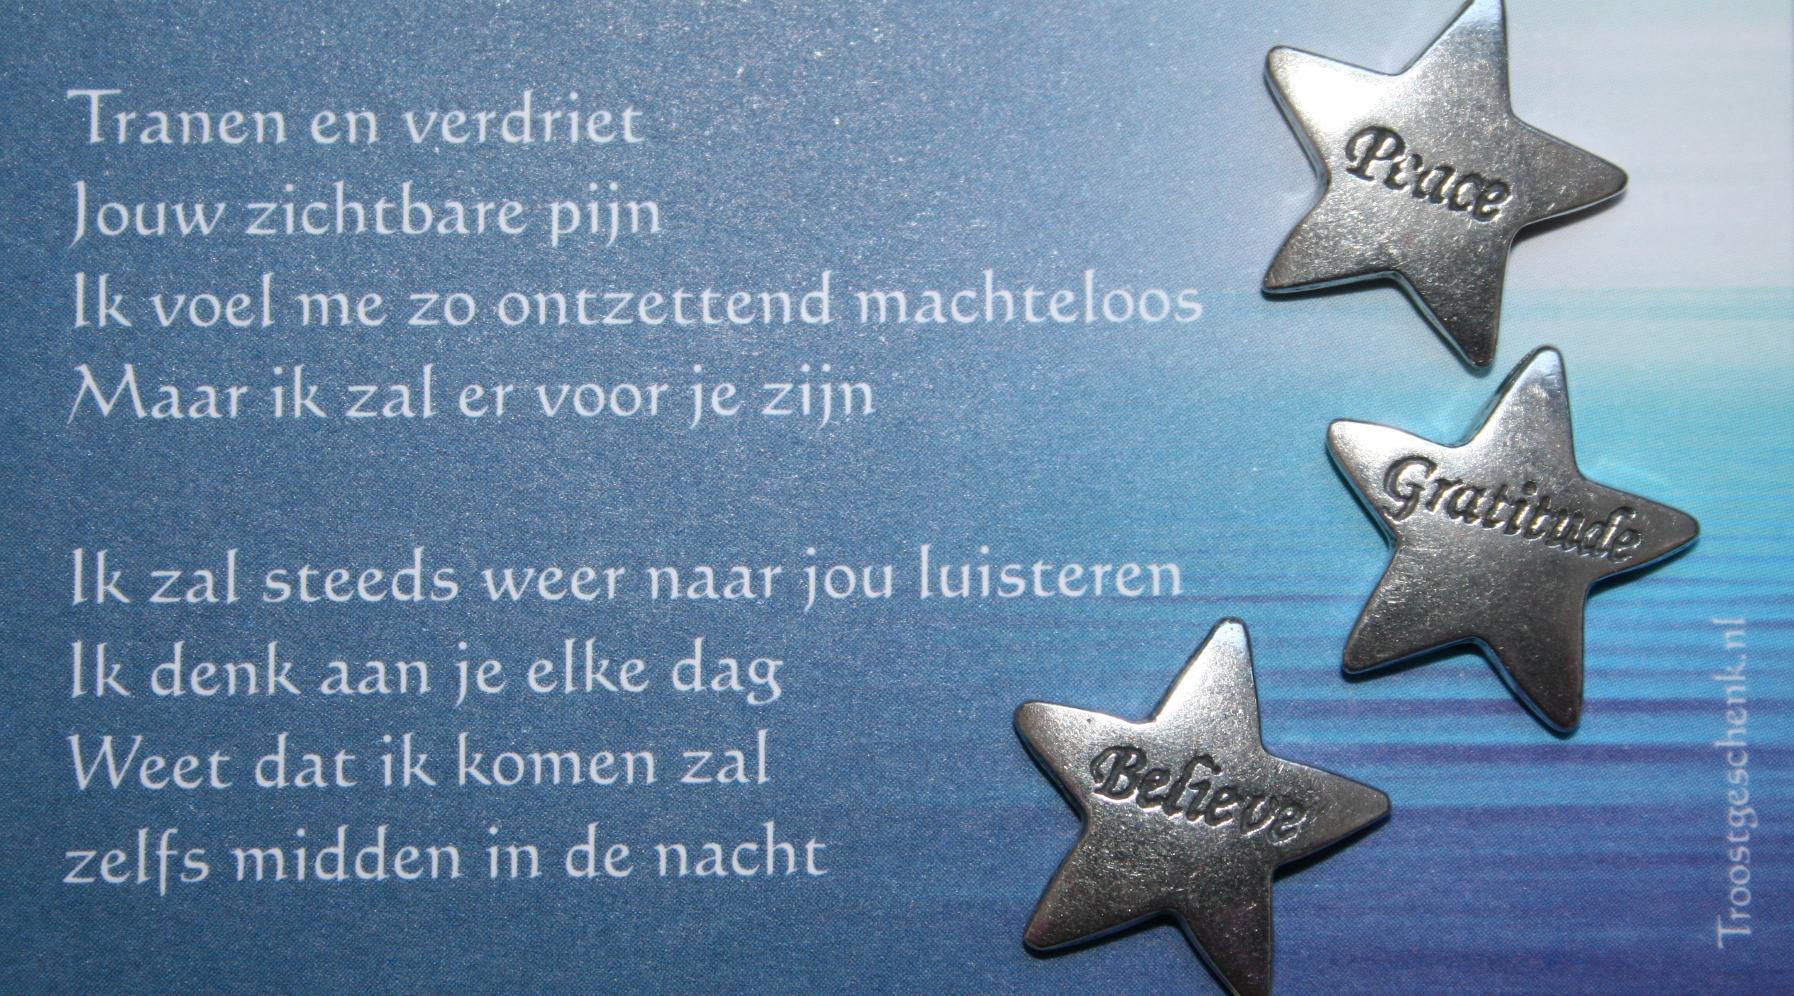 Genoeg Gedicht Verlies Kind BS85 | Belbin.Info LS17